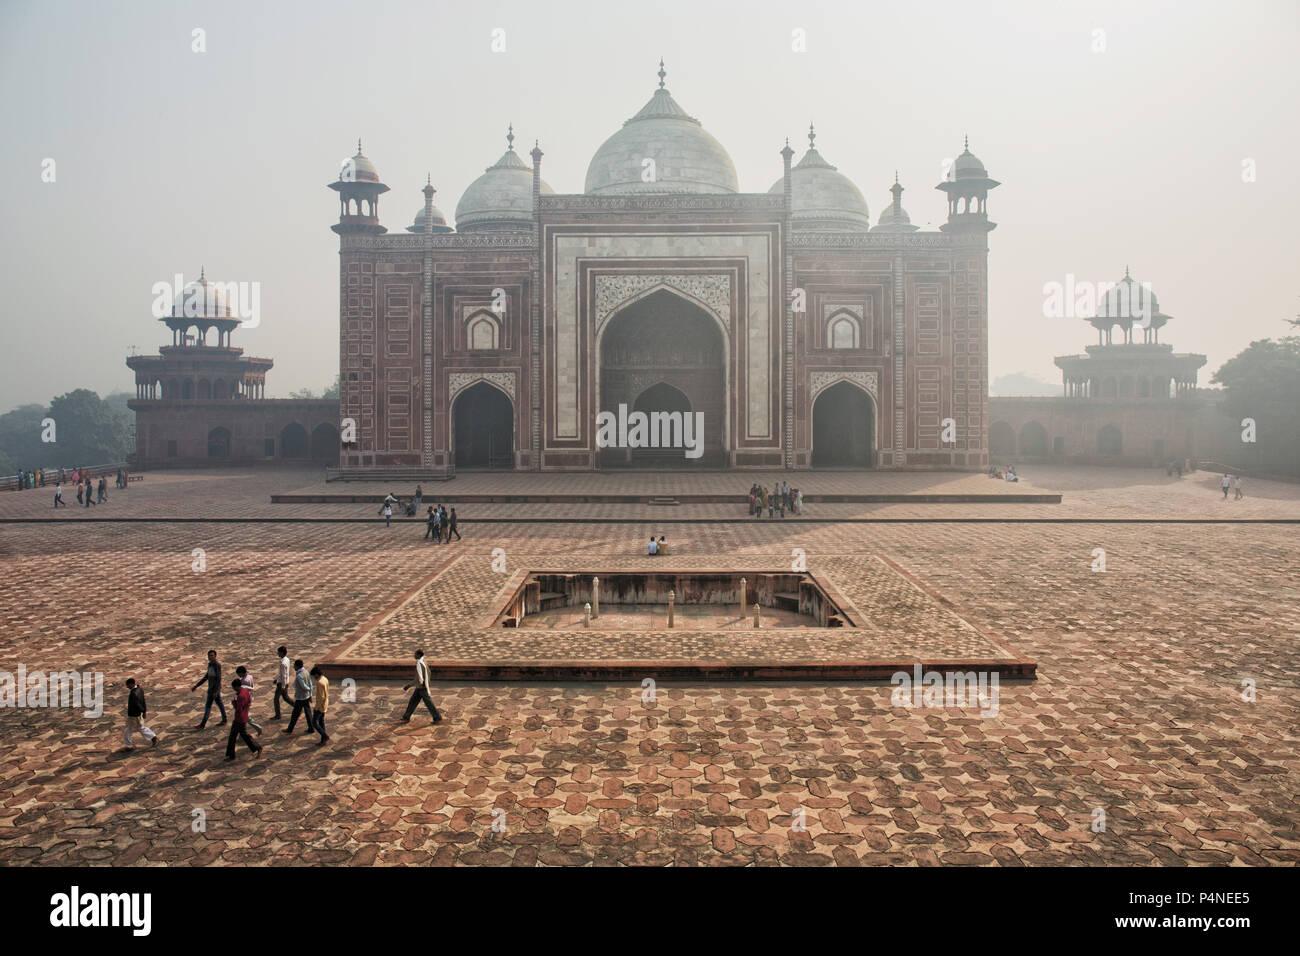 Die Tore zum Taj Mahal in der Smog, Agra, Indien. Luft Abgase Stockbild